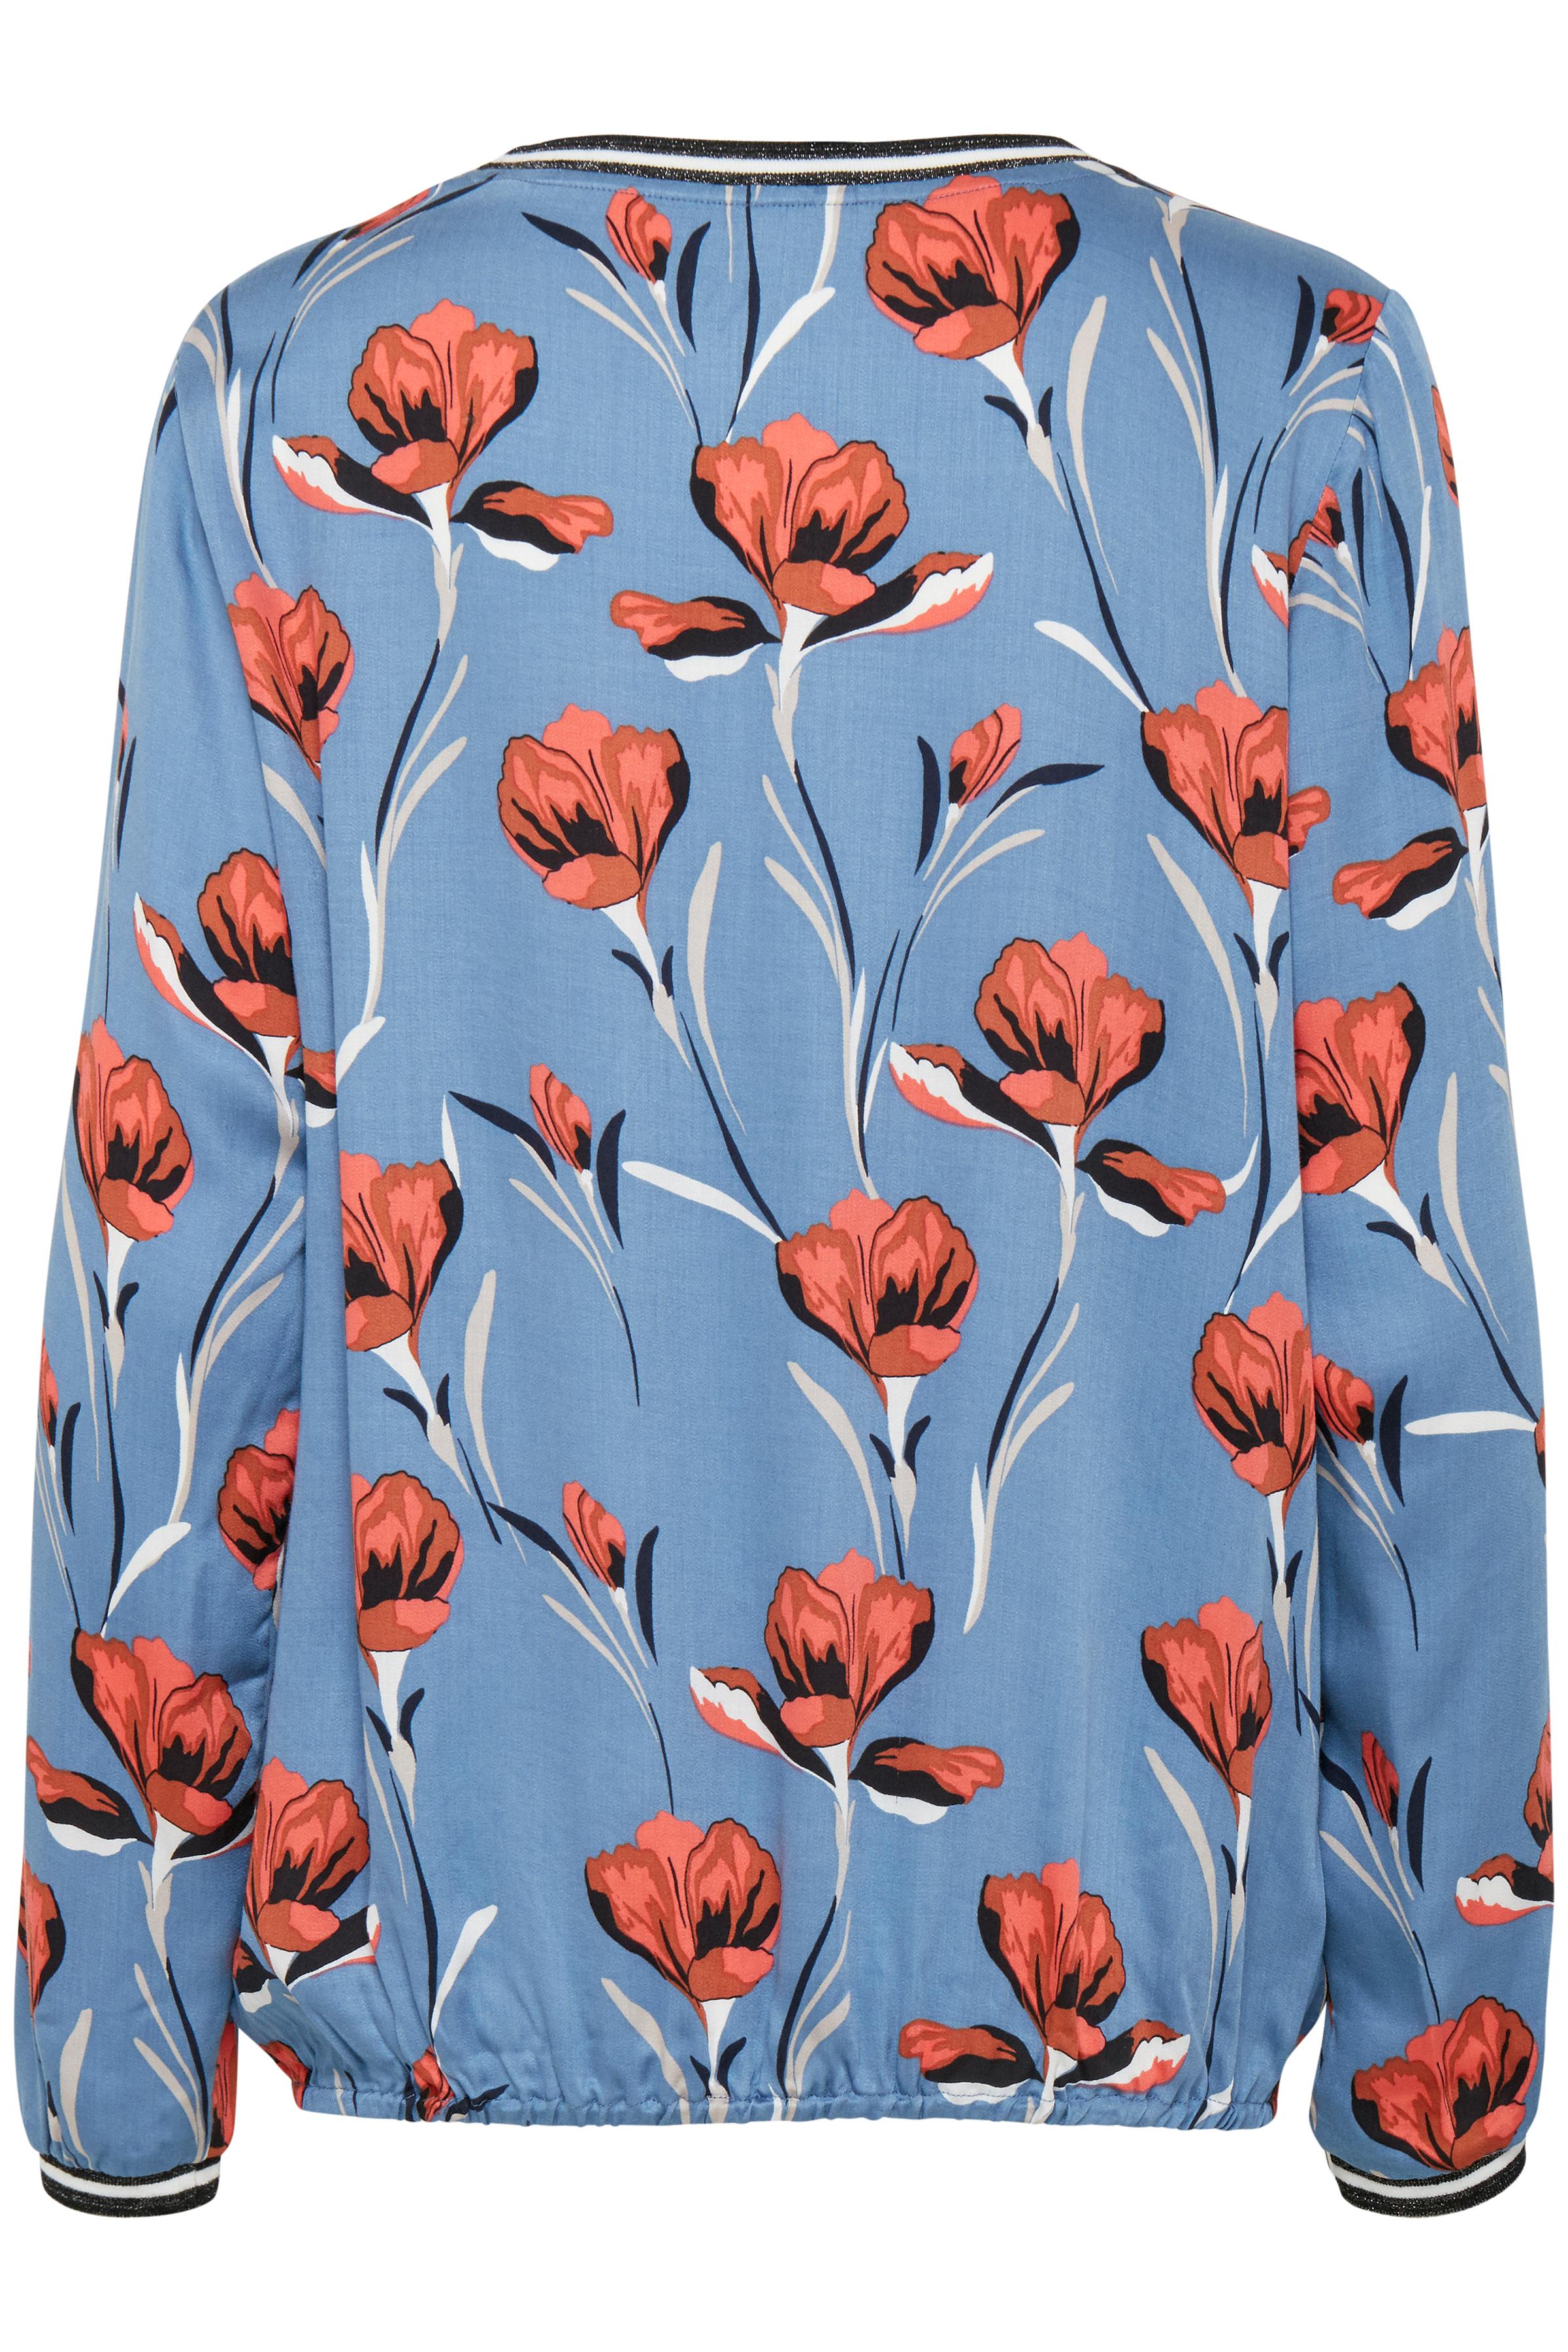 Blågrå/brændt rød Langærmet bluse  fra Pulz Jeans – Køb Blågrå/brændt rød Langærmet bluse  fra str. XS-XXL her